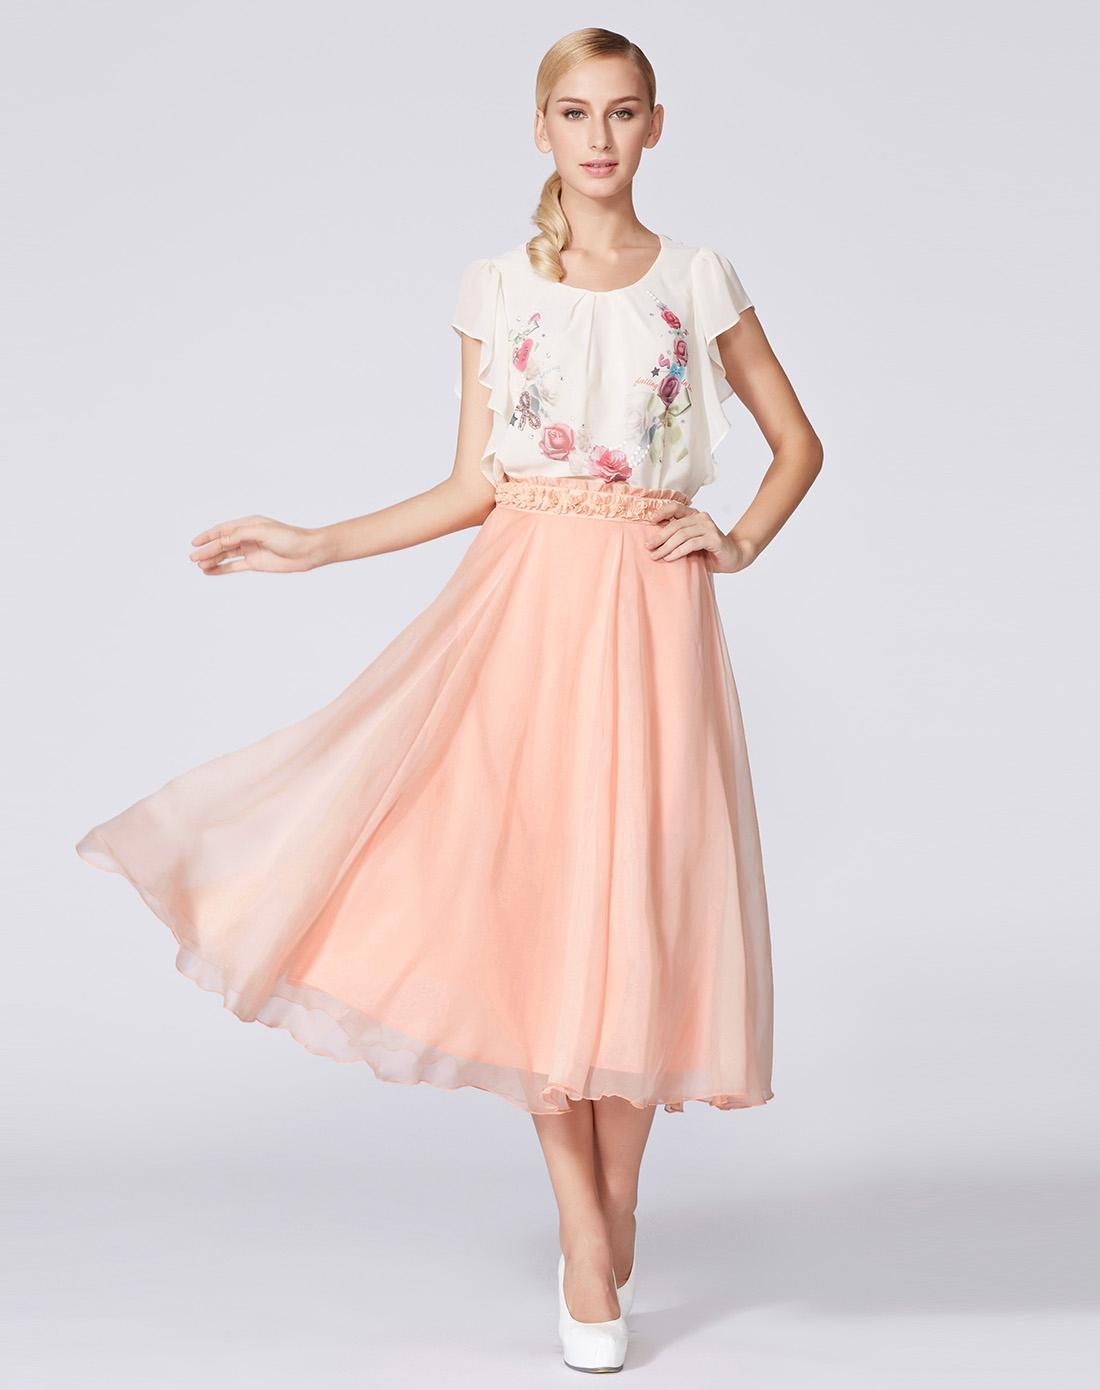 粉色唯美荷葉邊雙層半身裙圖片